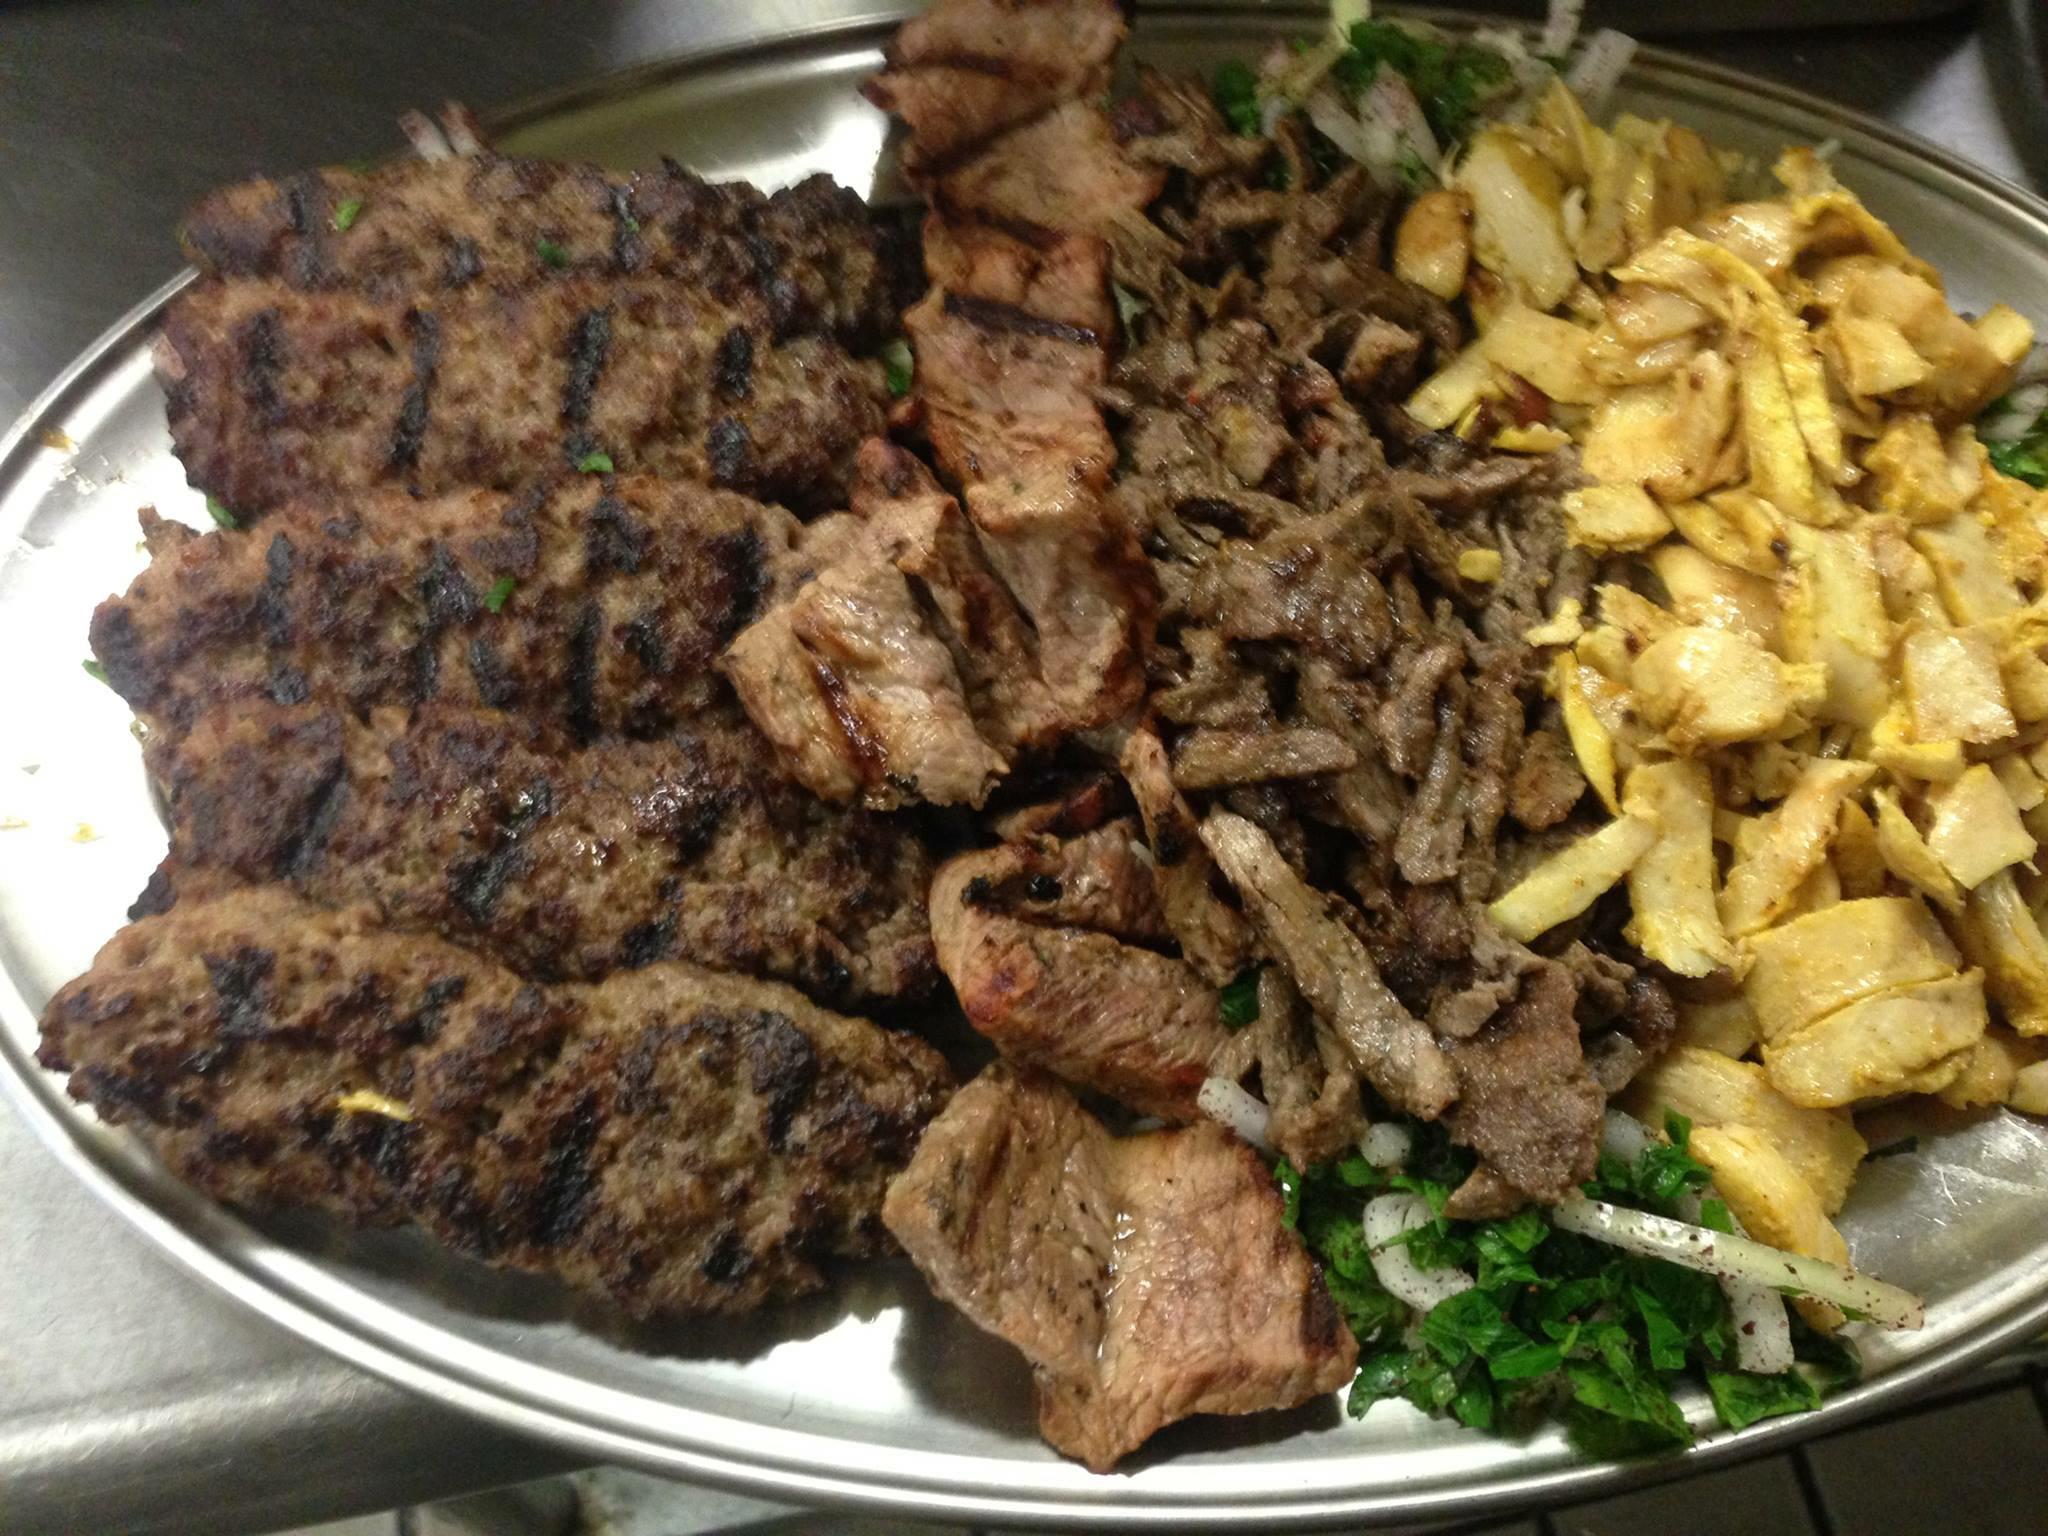 Mediterranean Grill platter